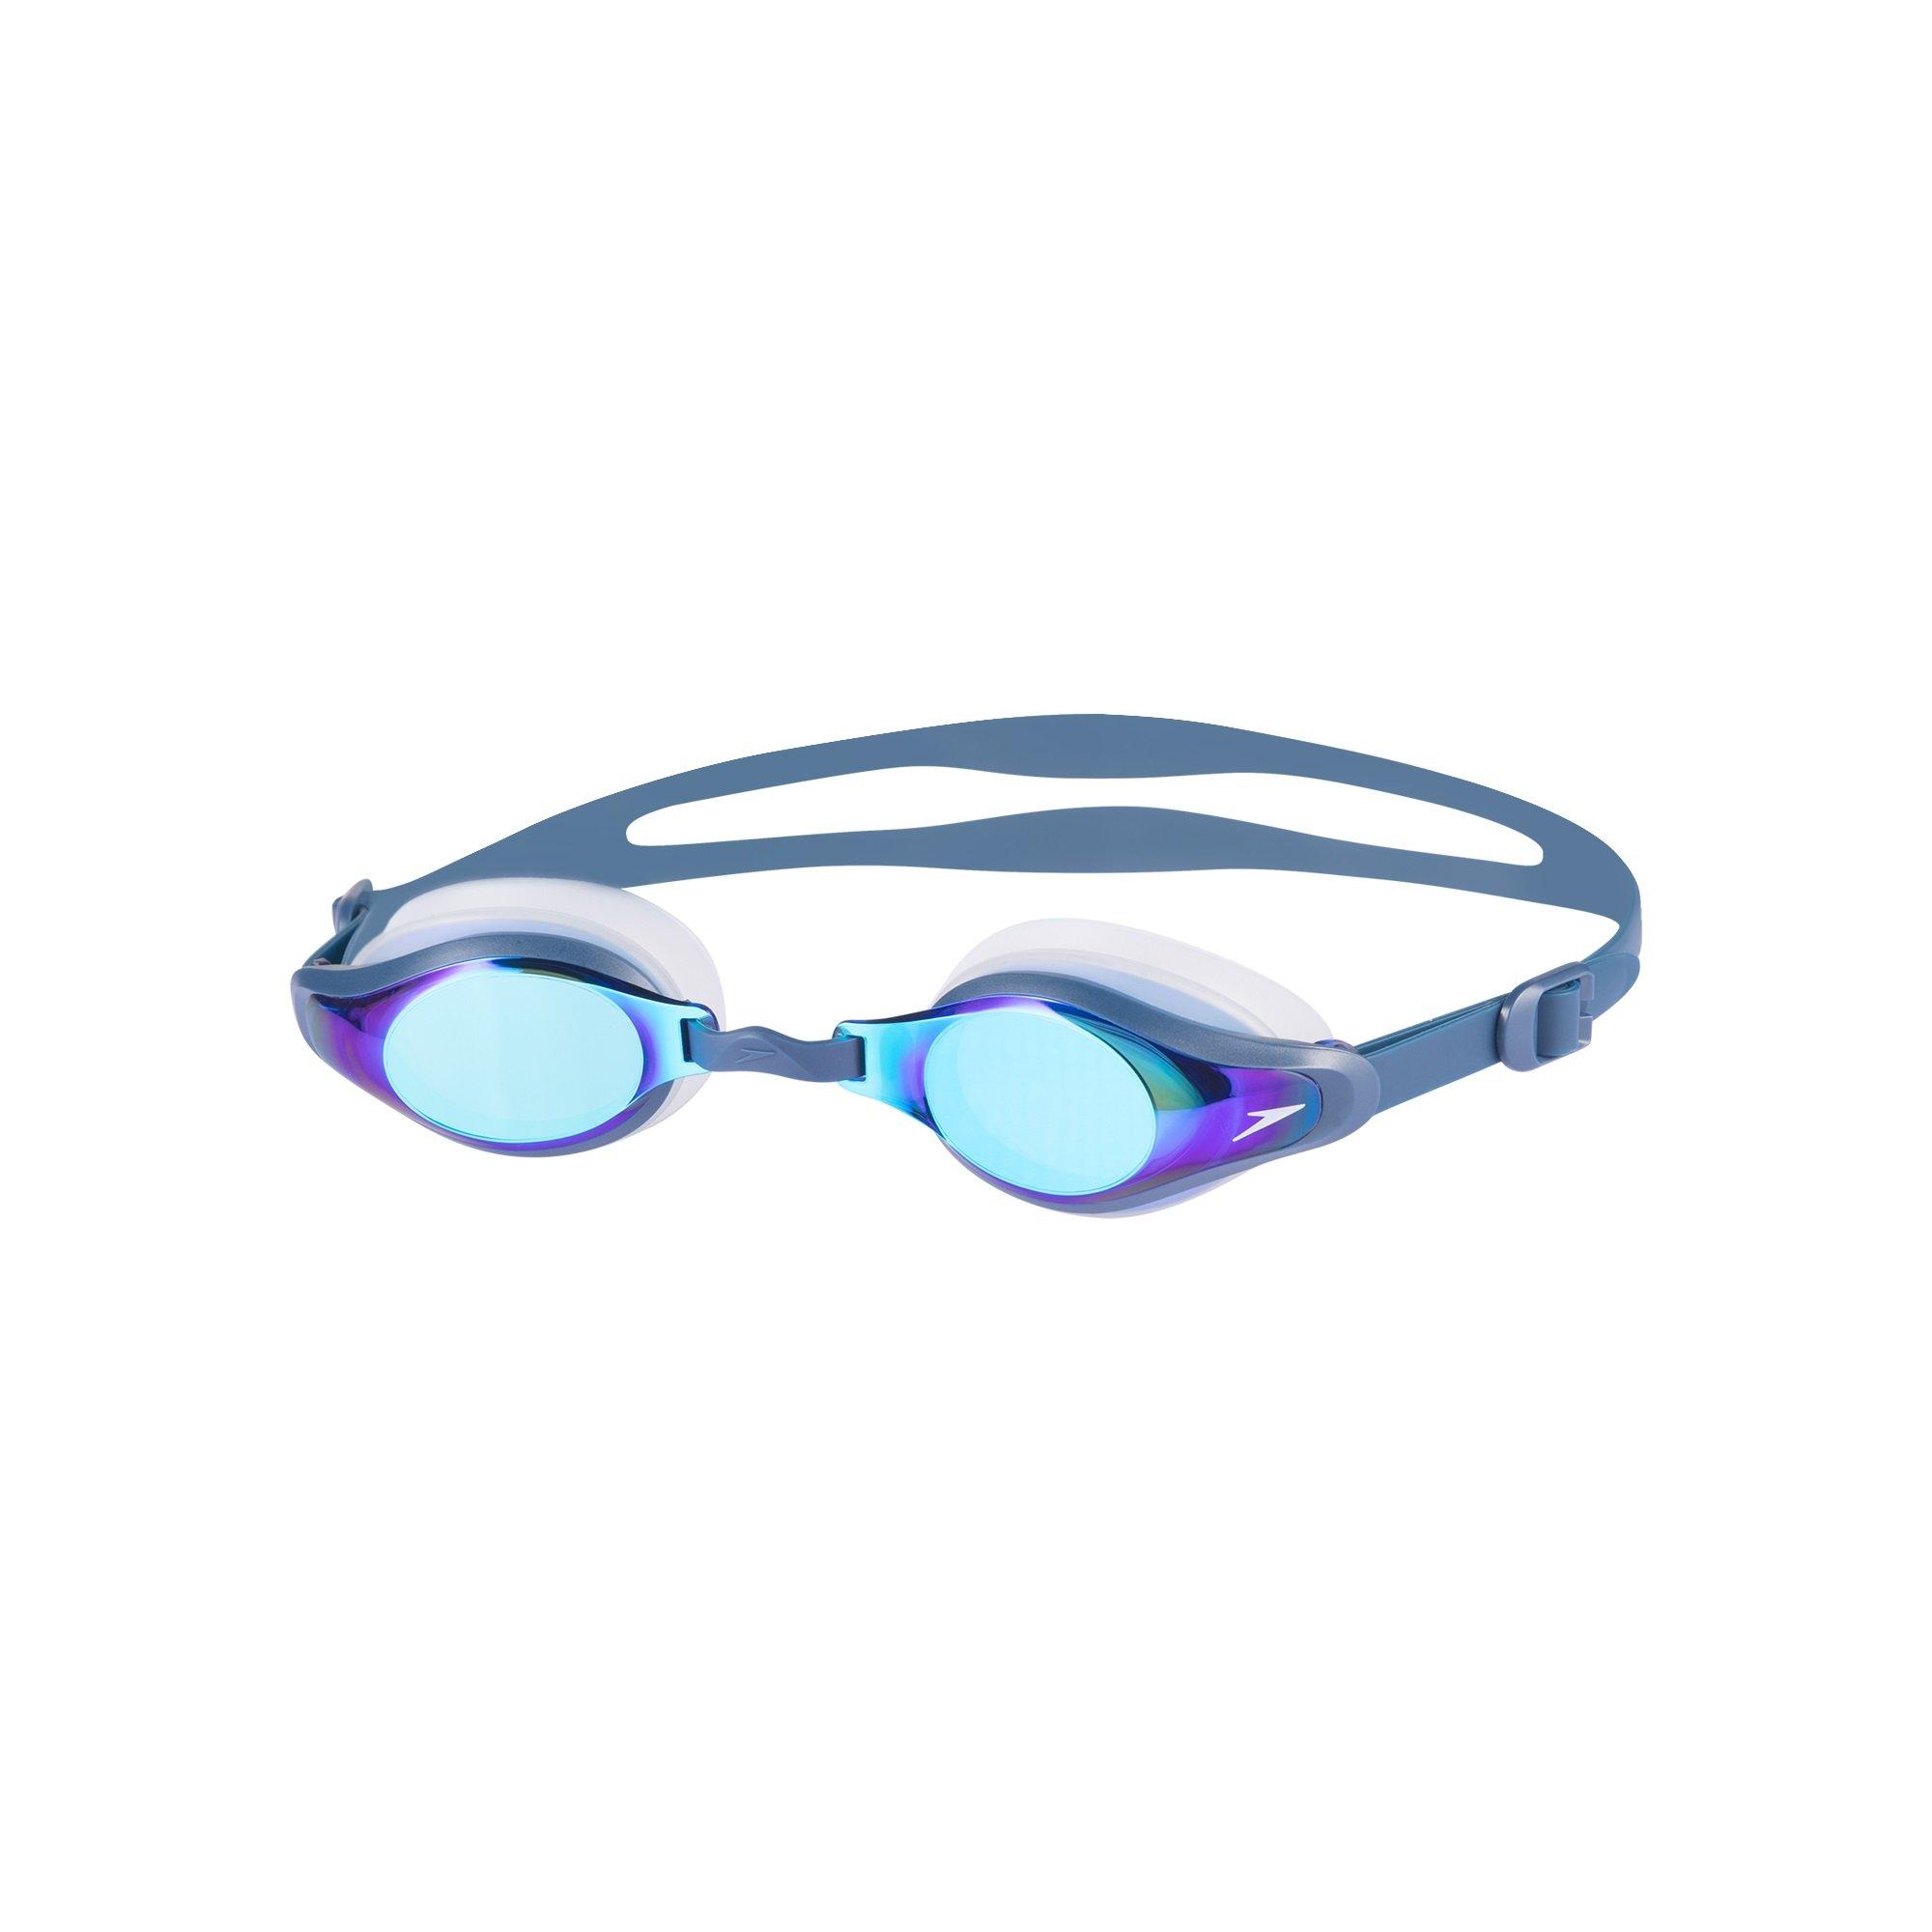 Speedo-Goggles-Mariner Supreme Mirror Goggle-Blue-